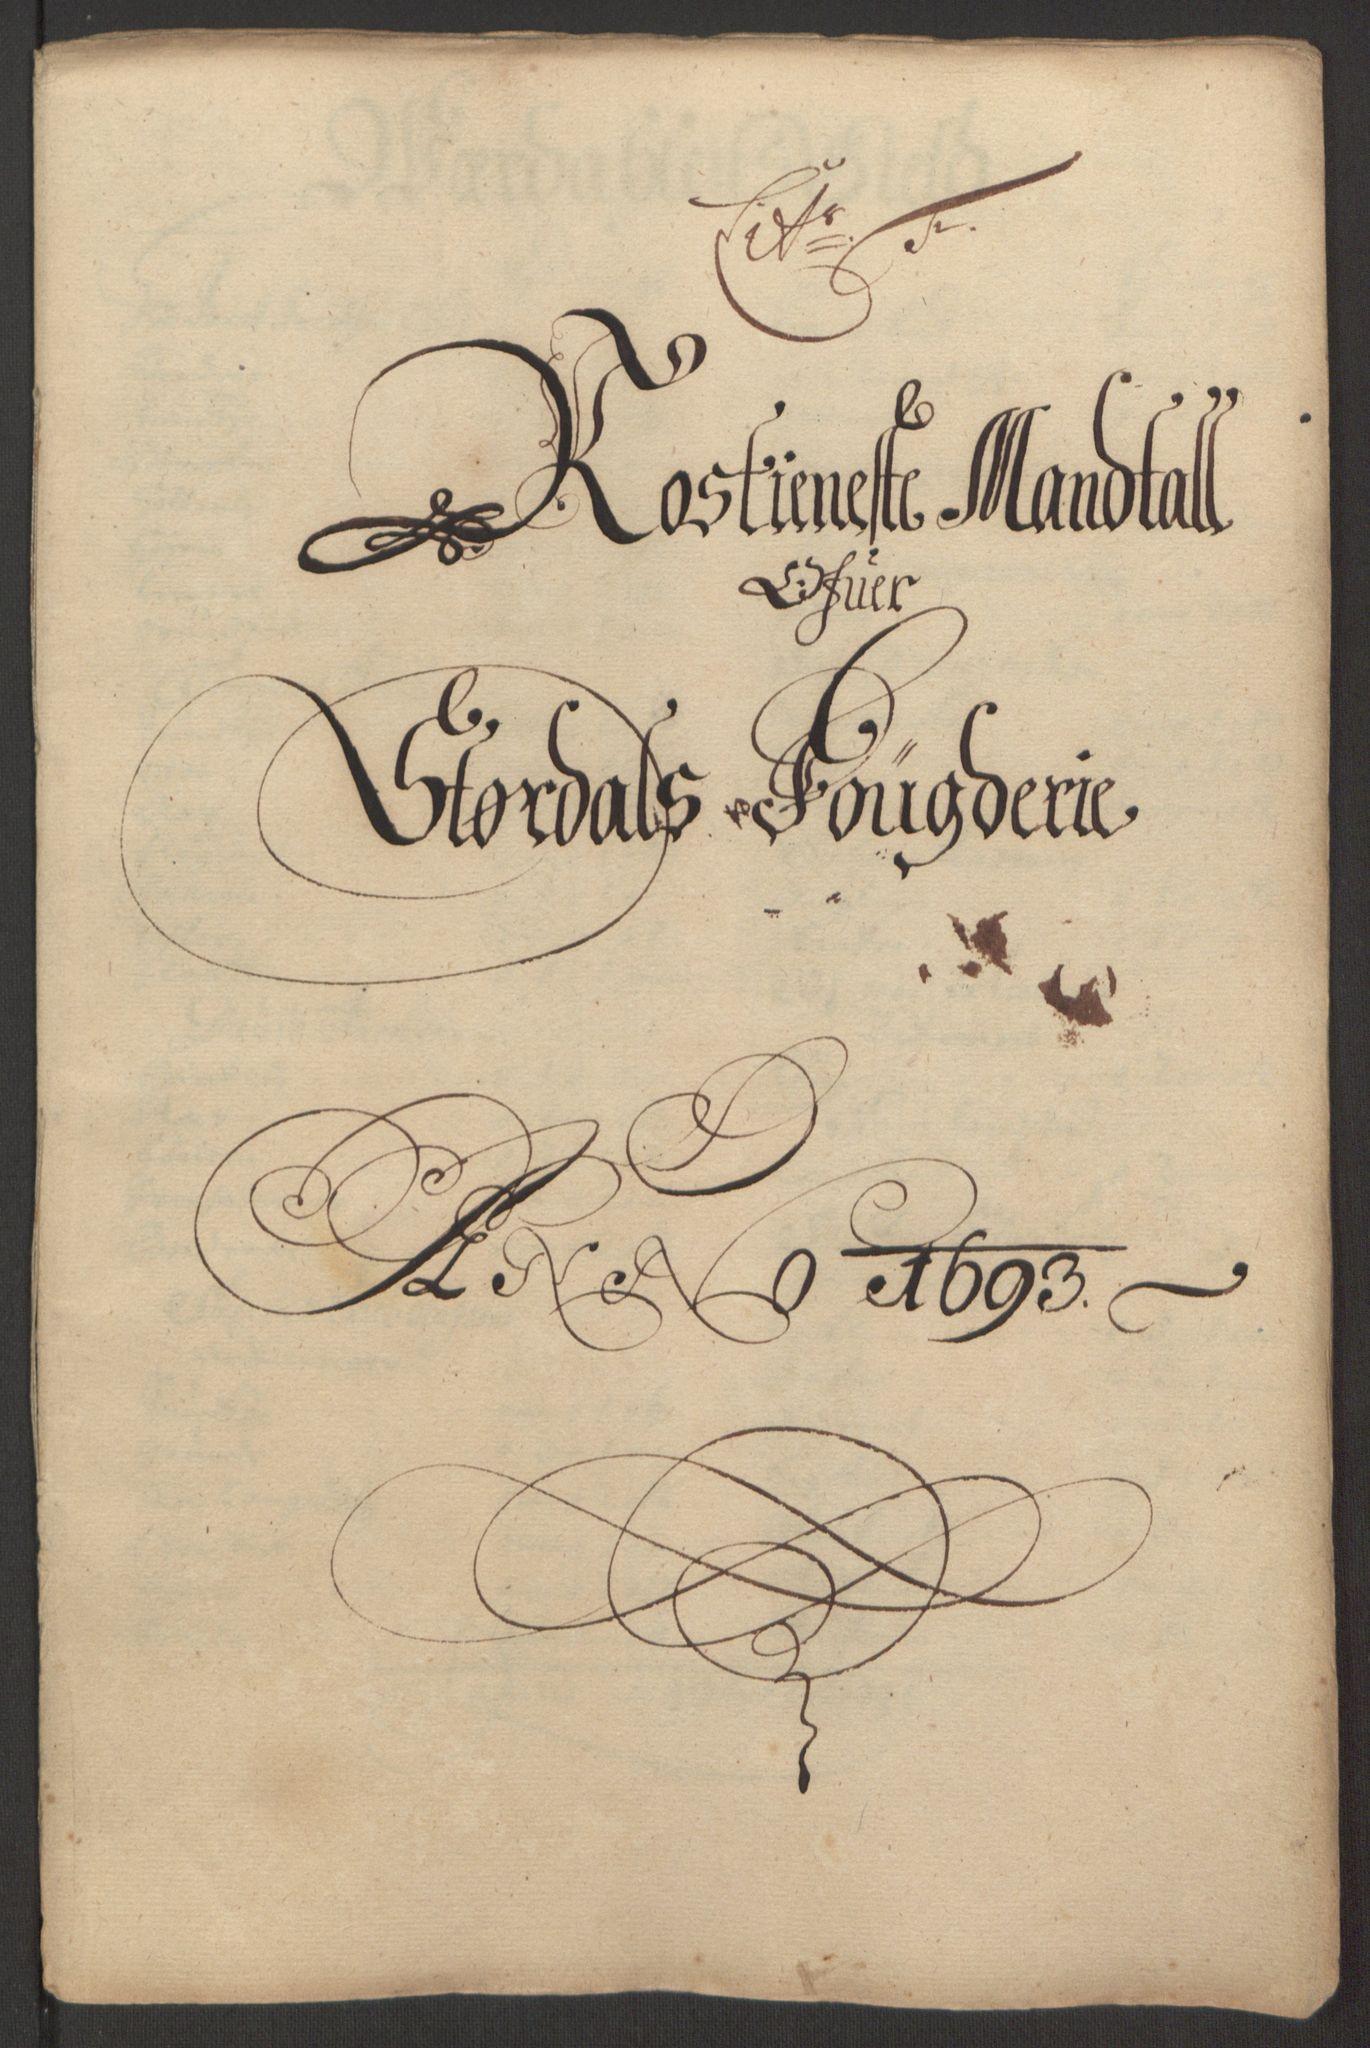 RA, Rentekammeret inntil 1814, Reviderte regnskaper, Fogderegnskap, R62/L4186: Fogderegnskap Stjørdal og Verdal, 1693-1694, s. 77